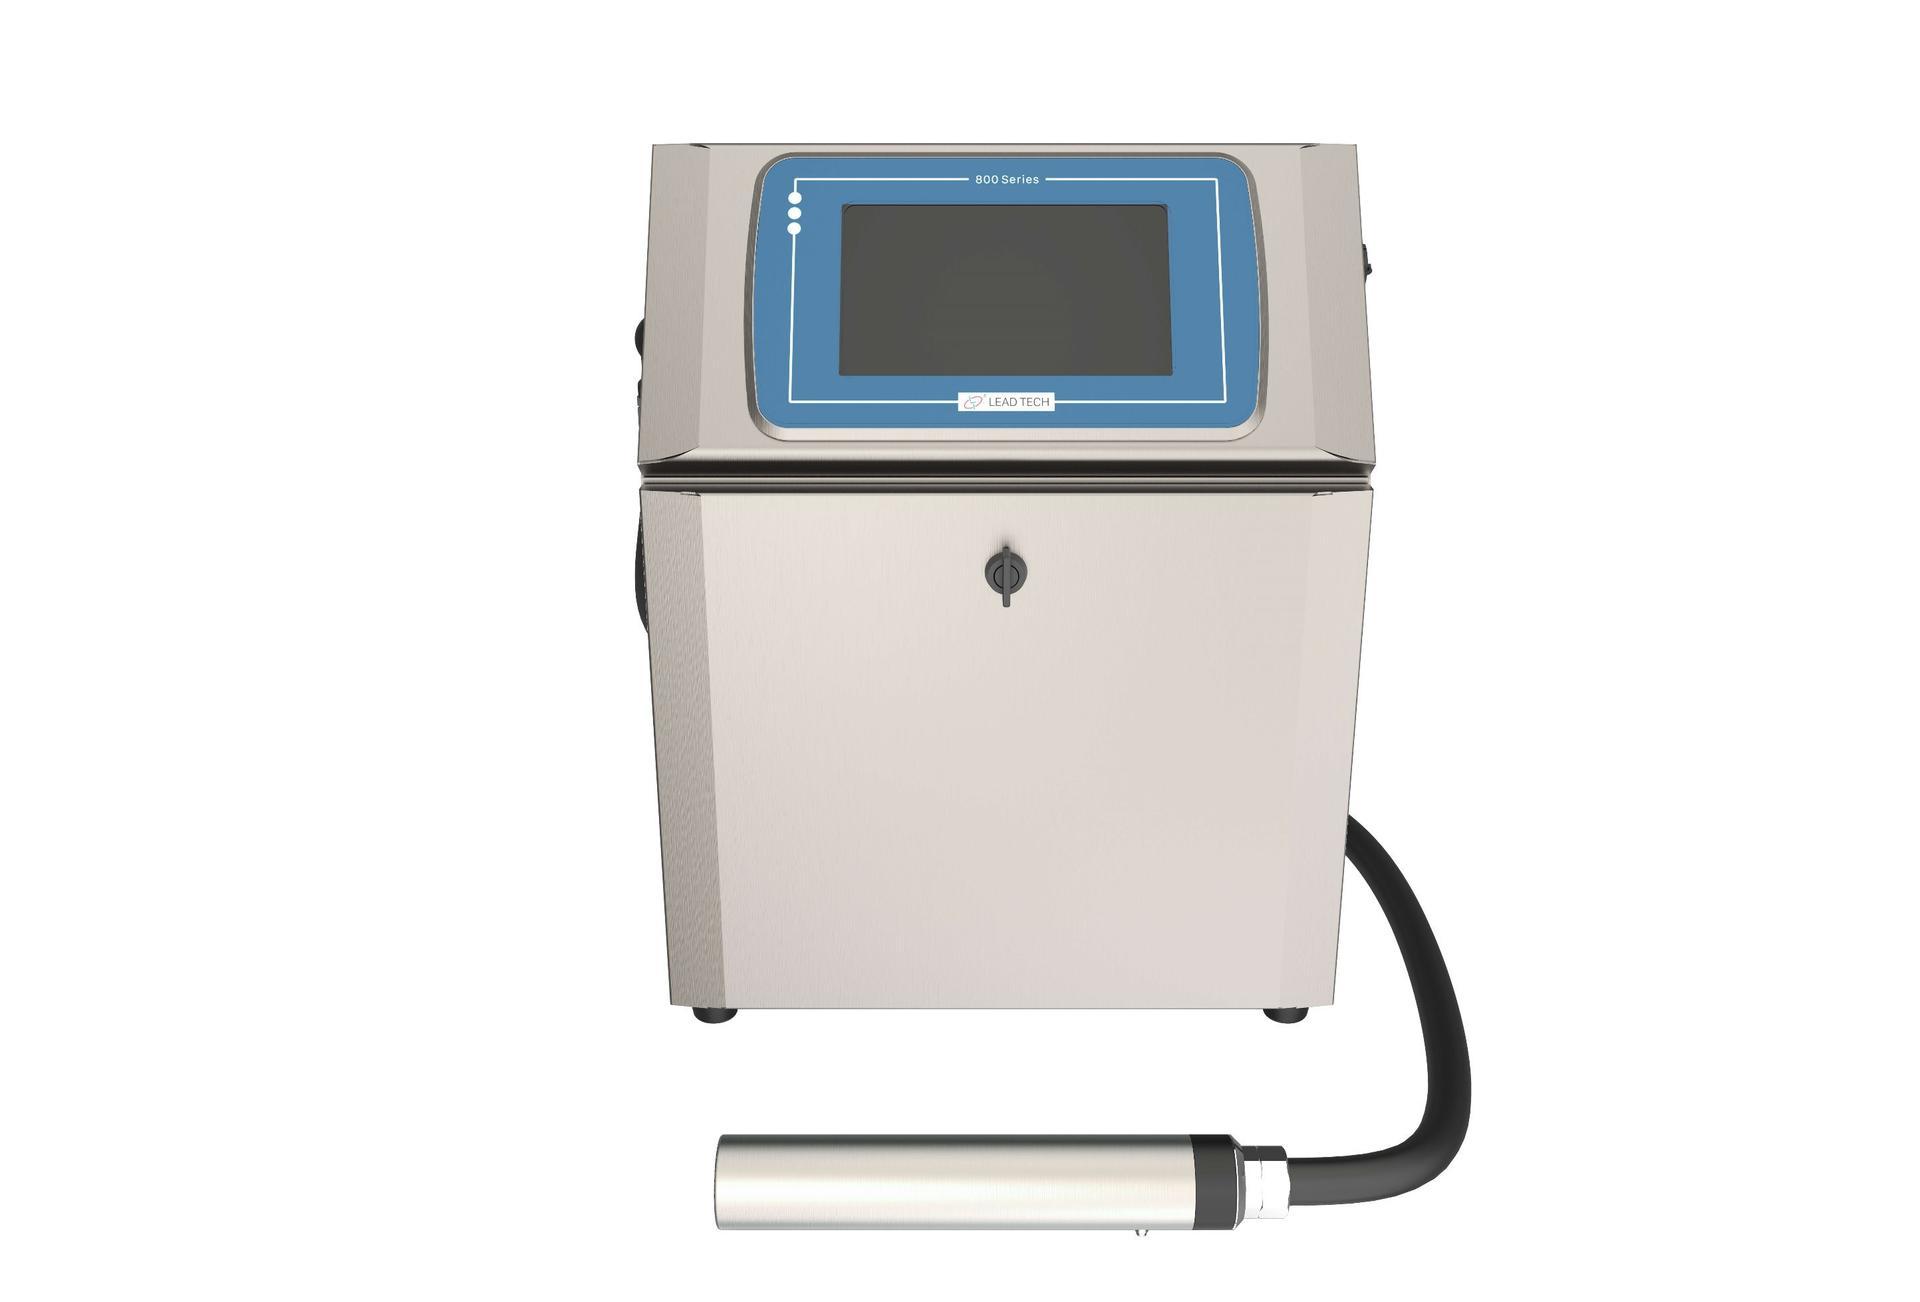 Lead Tech Lt800 Pet Bottle Coding Cij Inkjet Printer